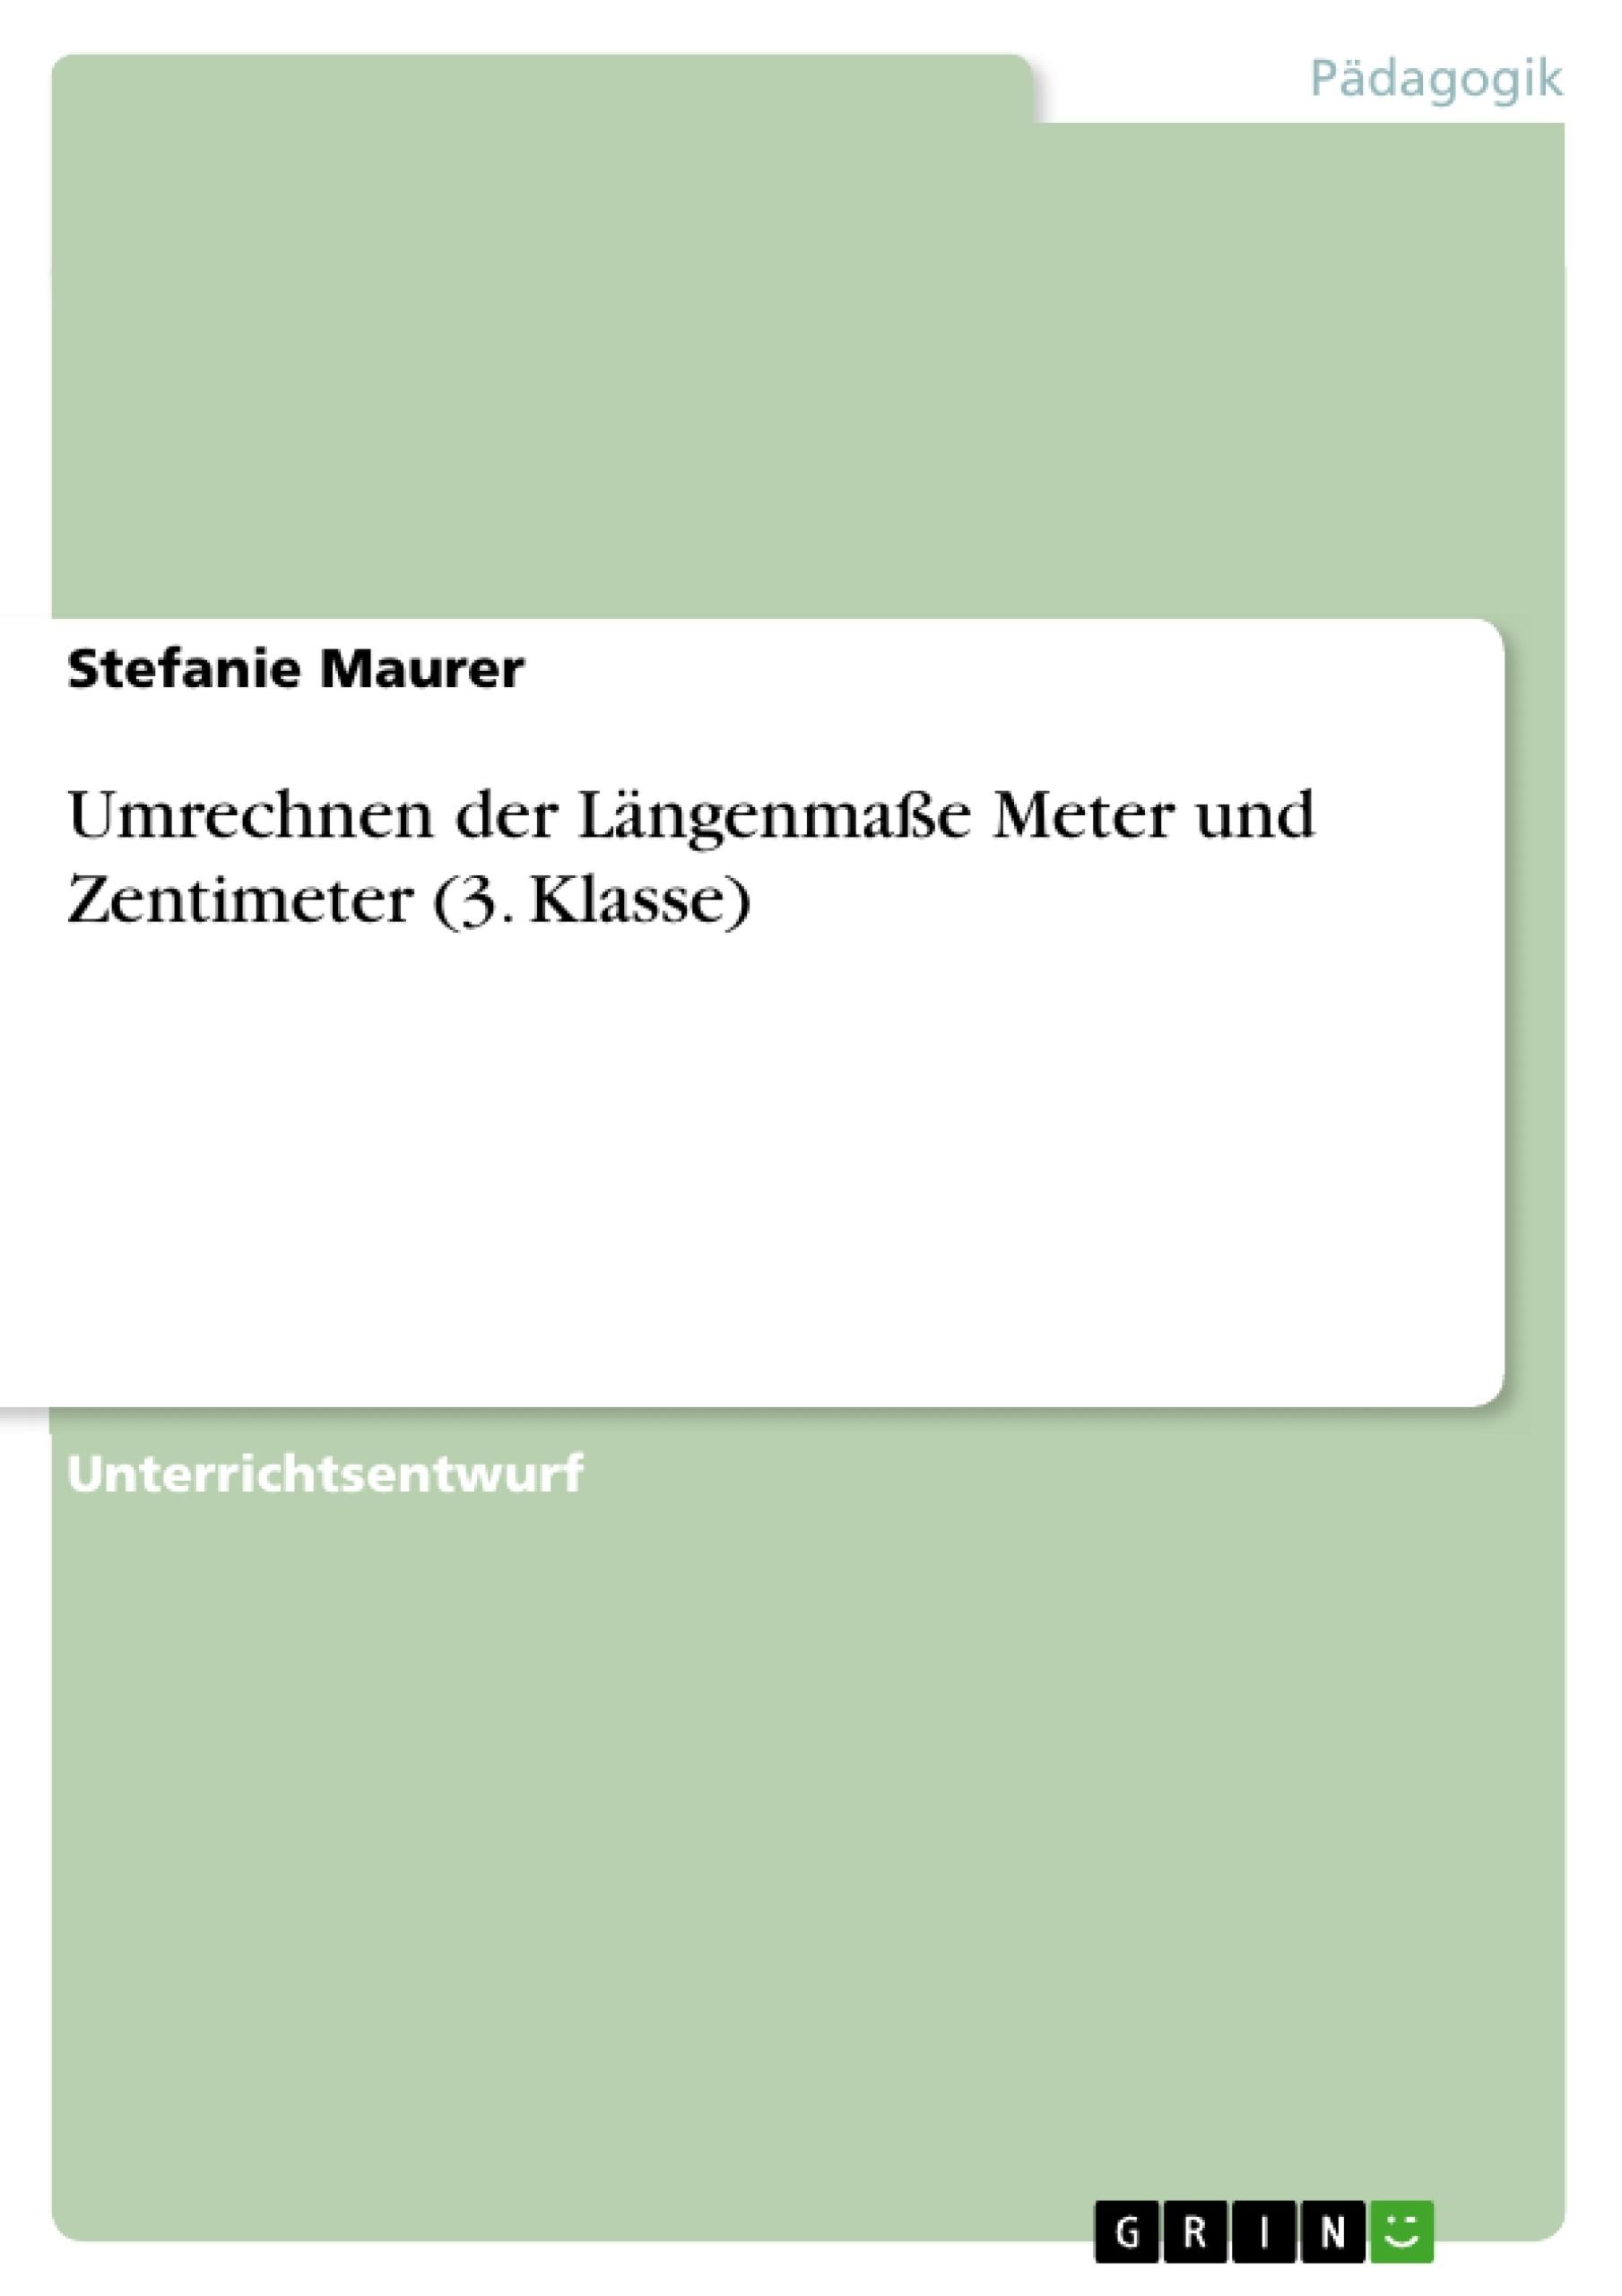 Titel: Umrechnen der Längenmaße Meter und Zentimeter (3. Klasse)